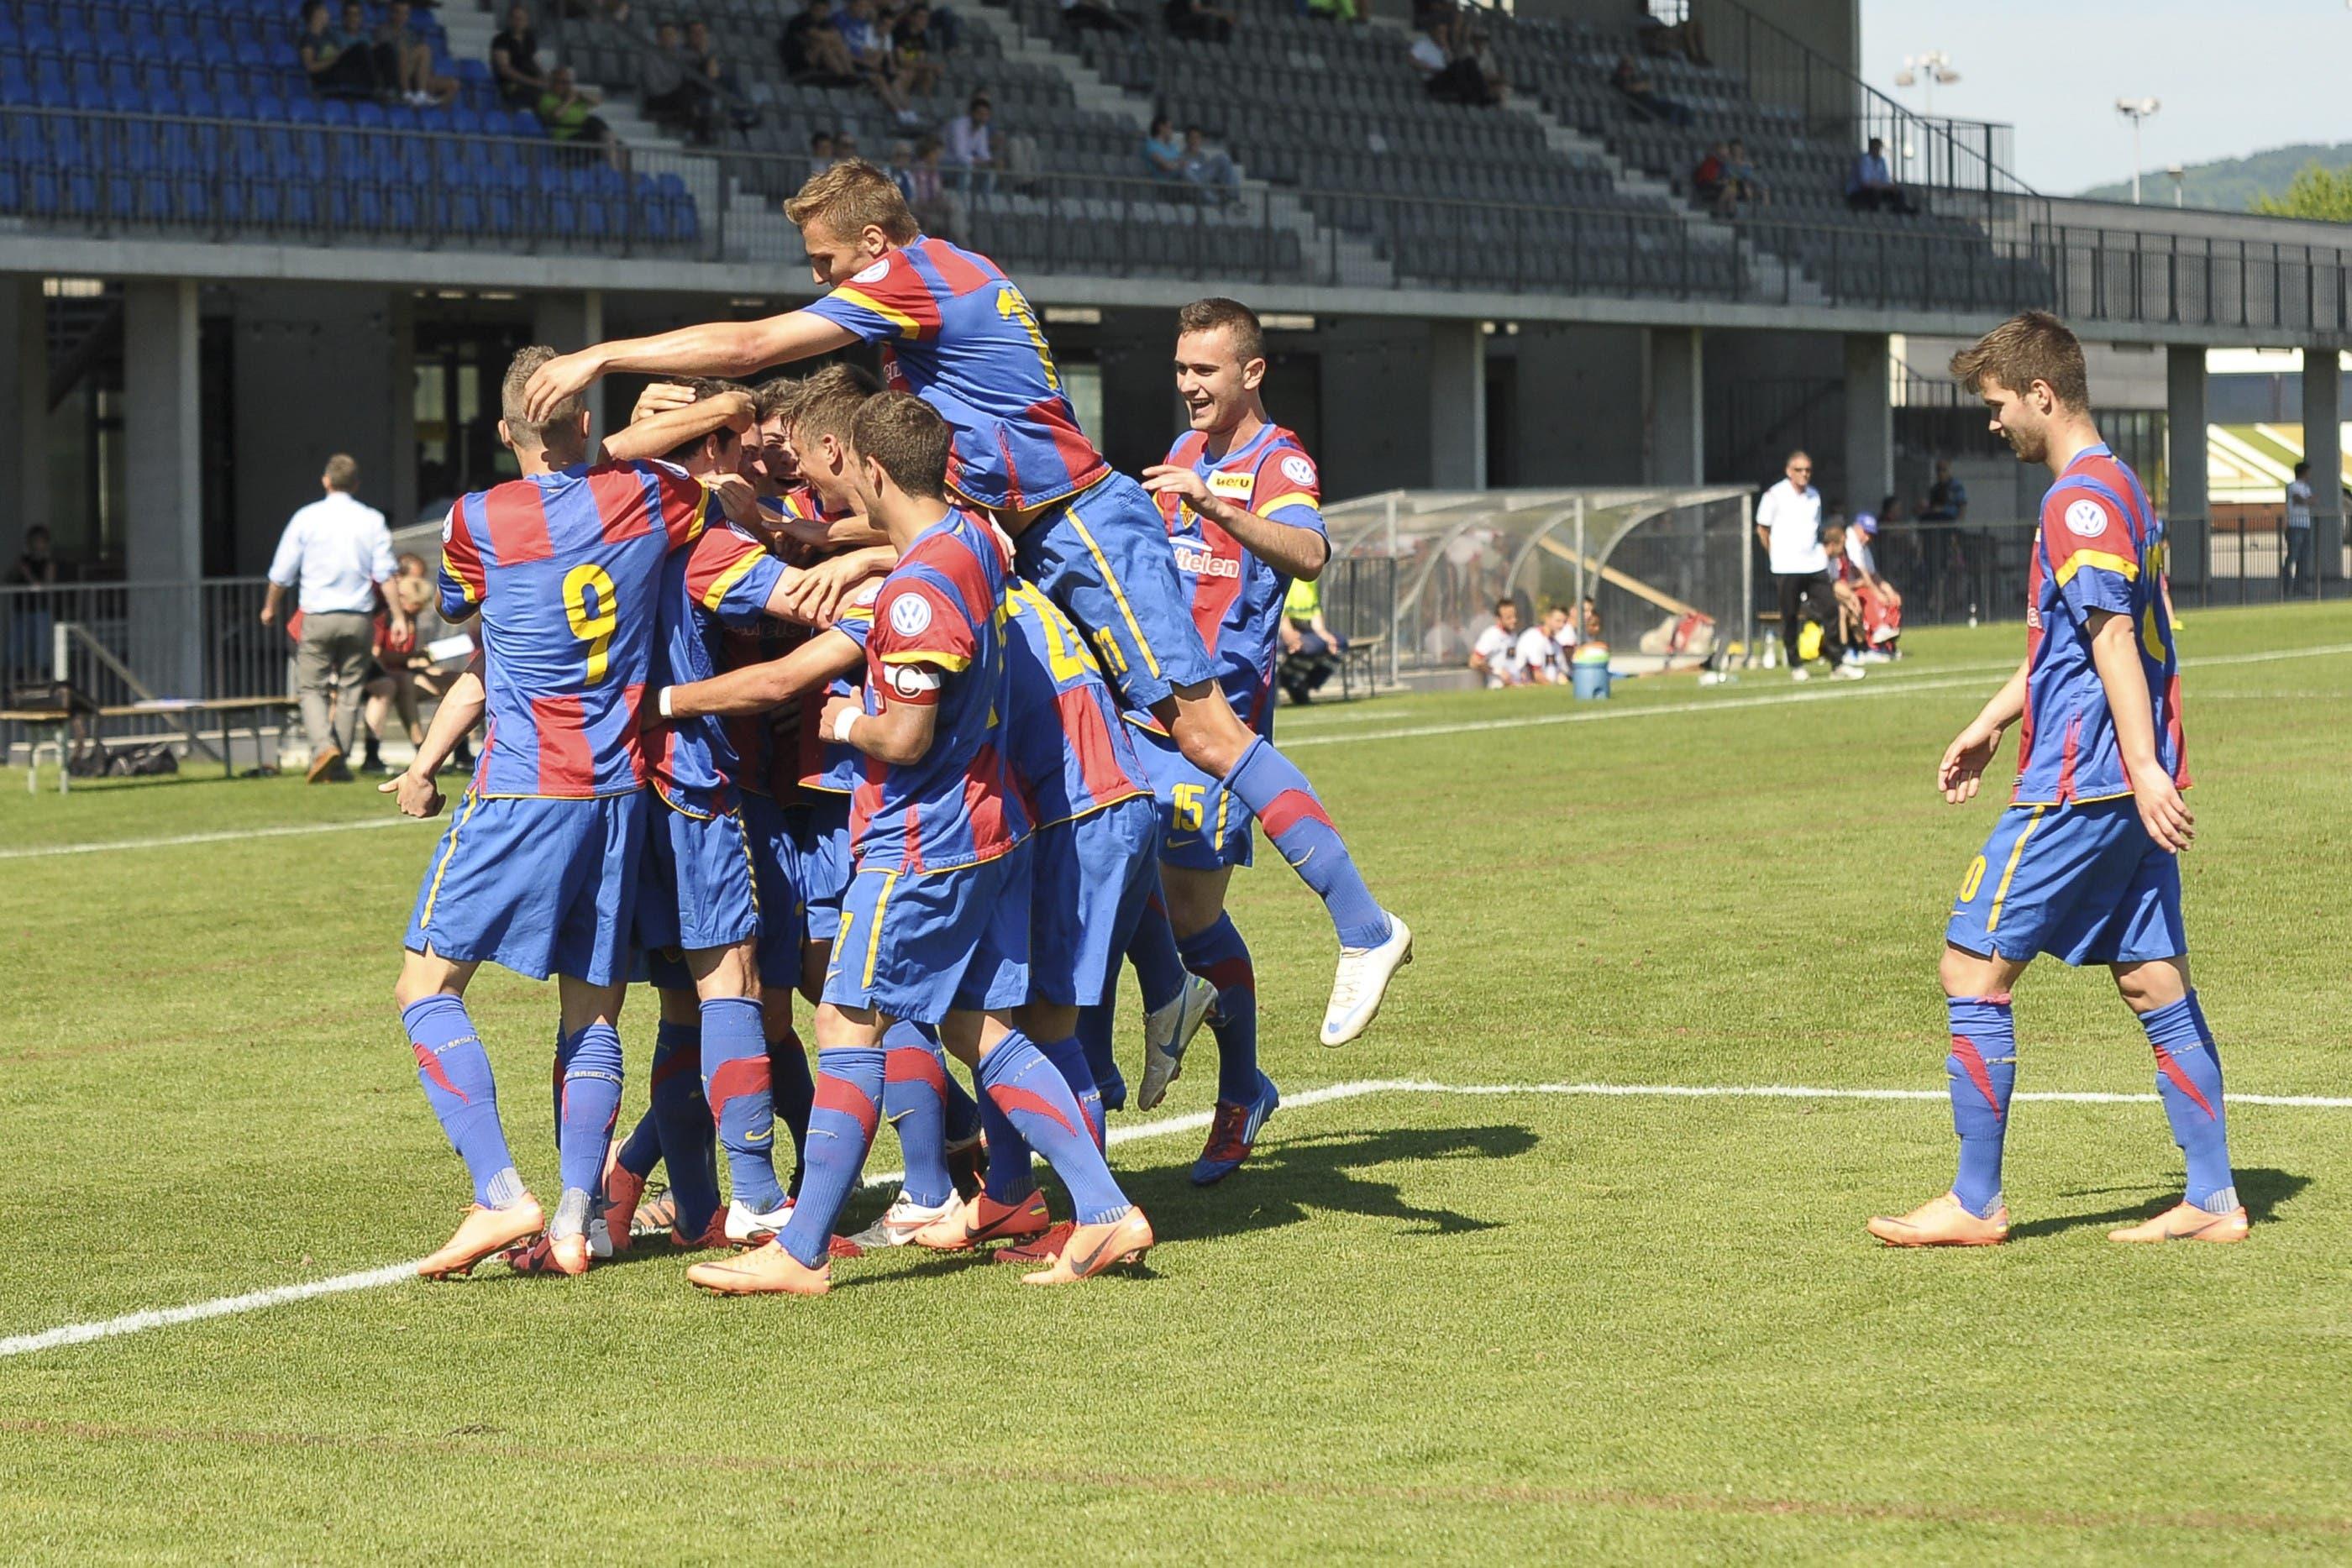 Die Basler U21 gewinnt gegen Wangen mit 3:0